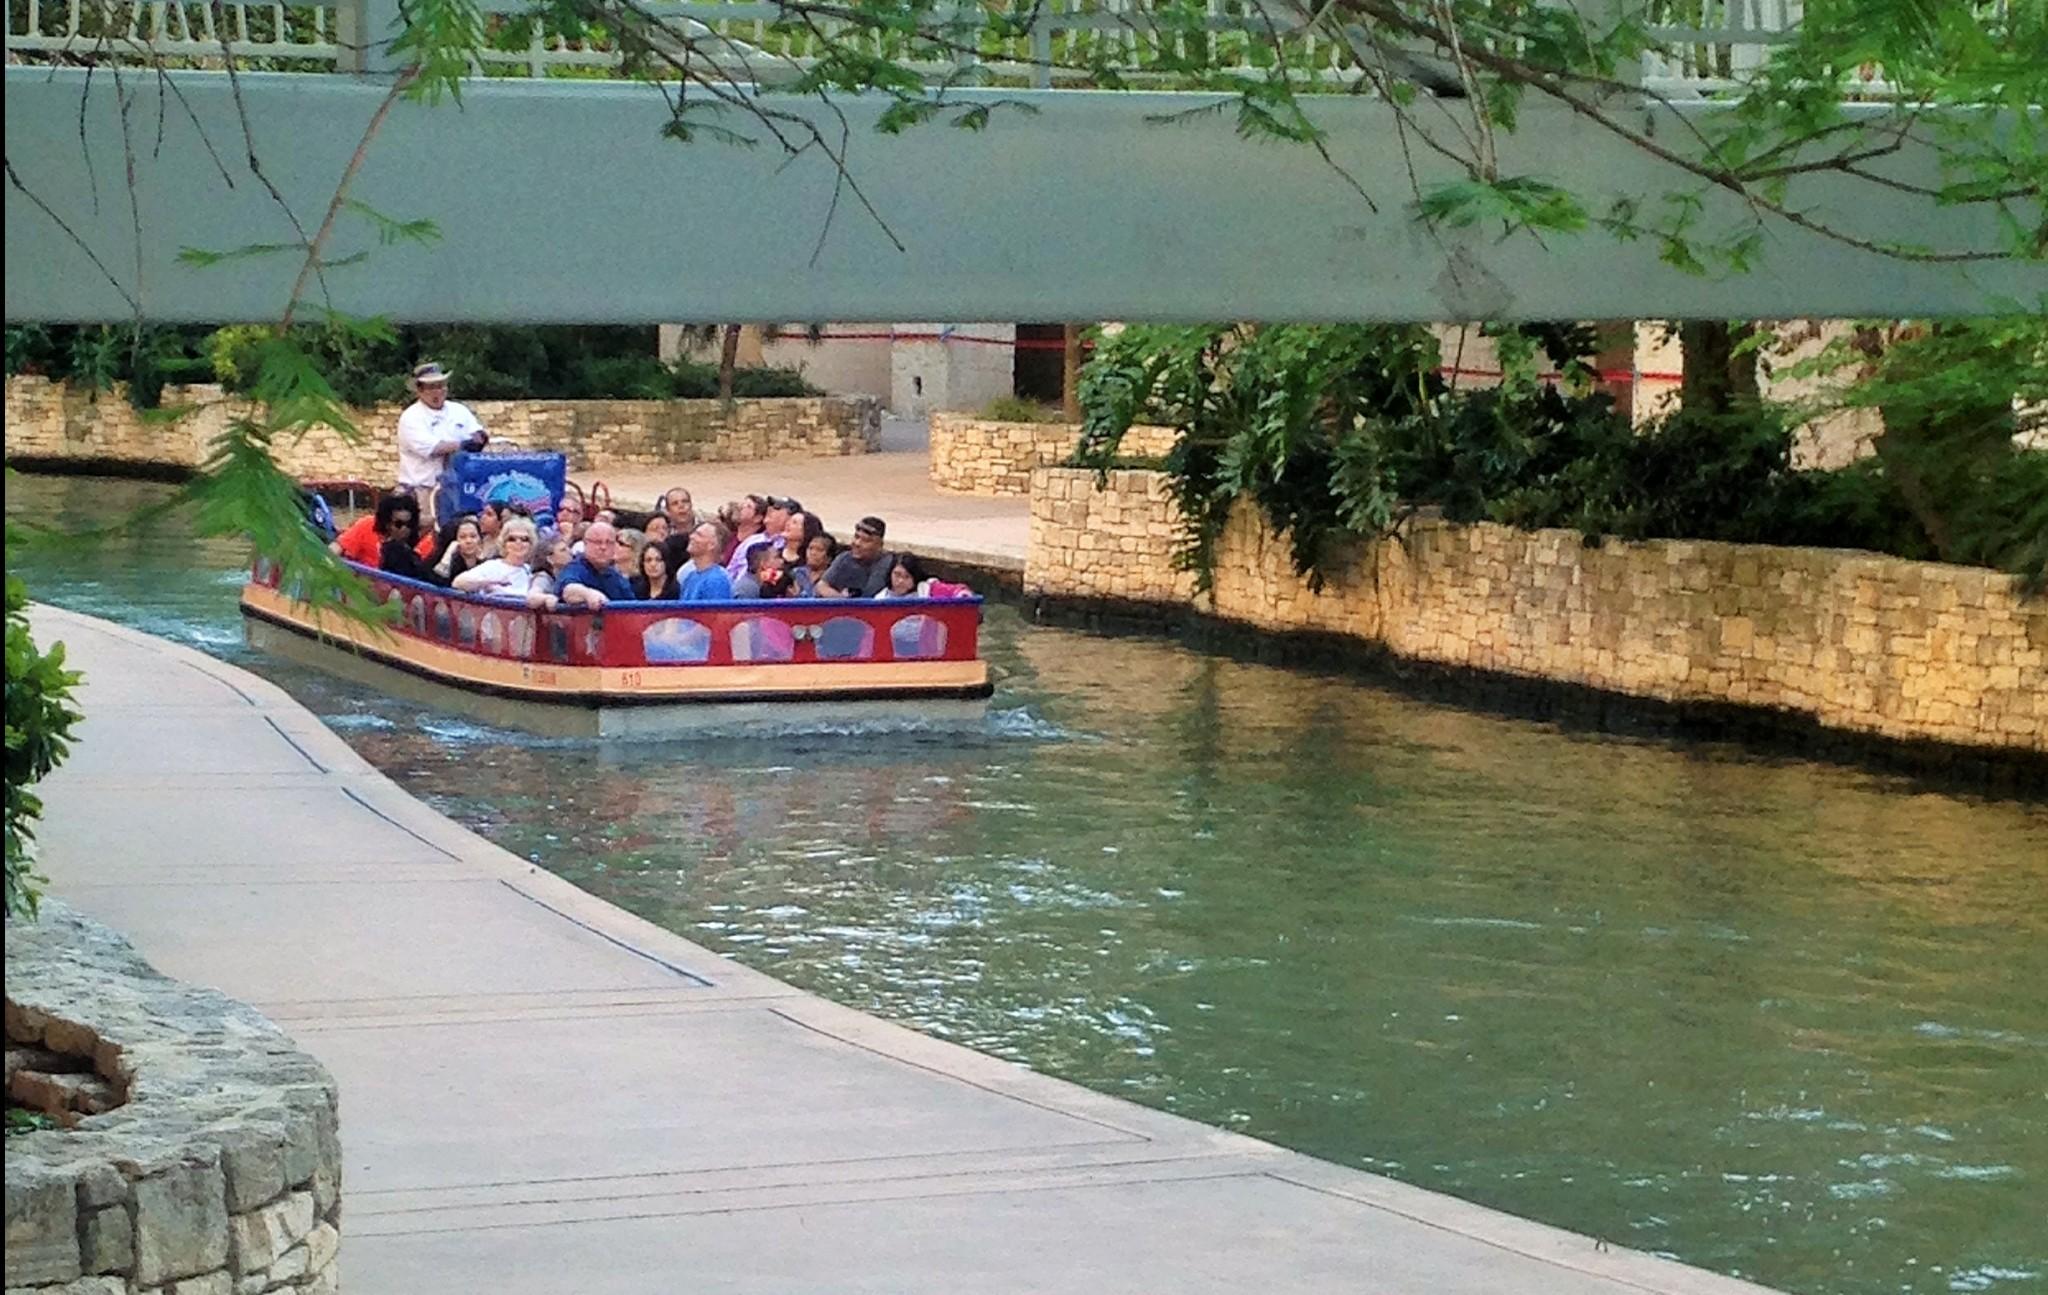 San Antonio River Walk at the Grand Hyatt